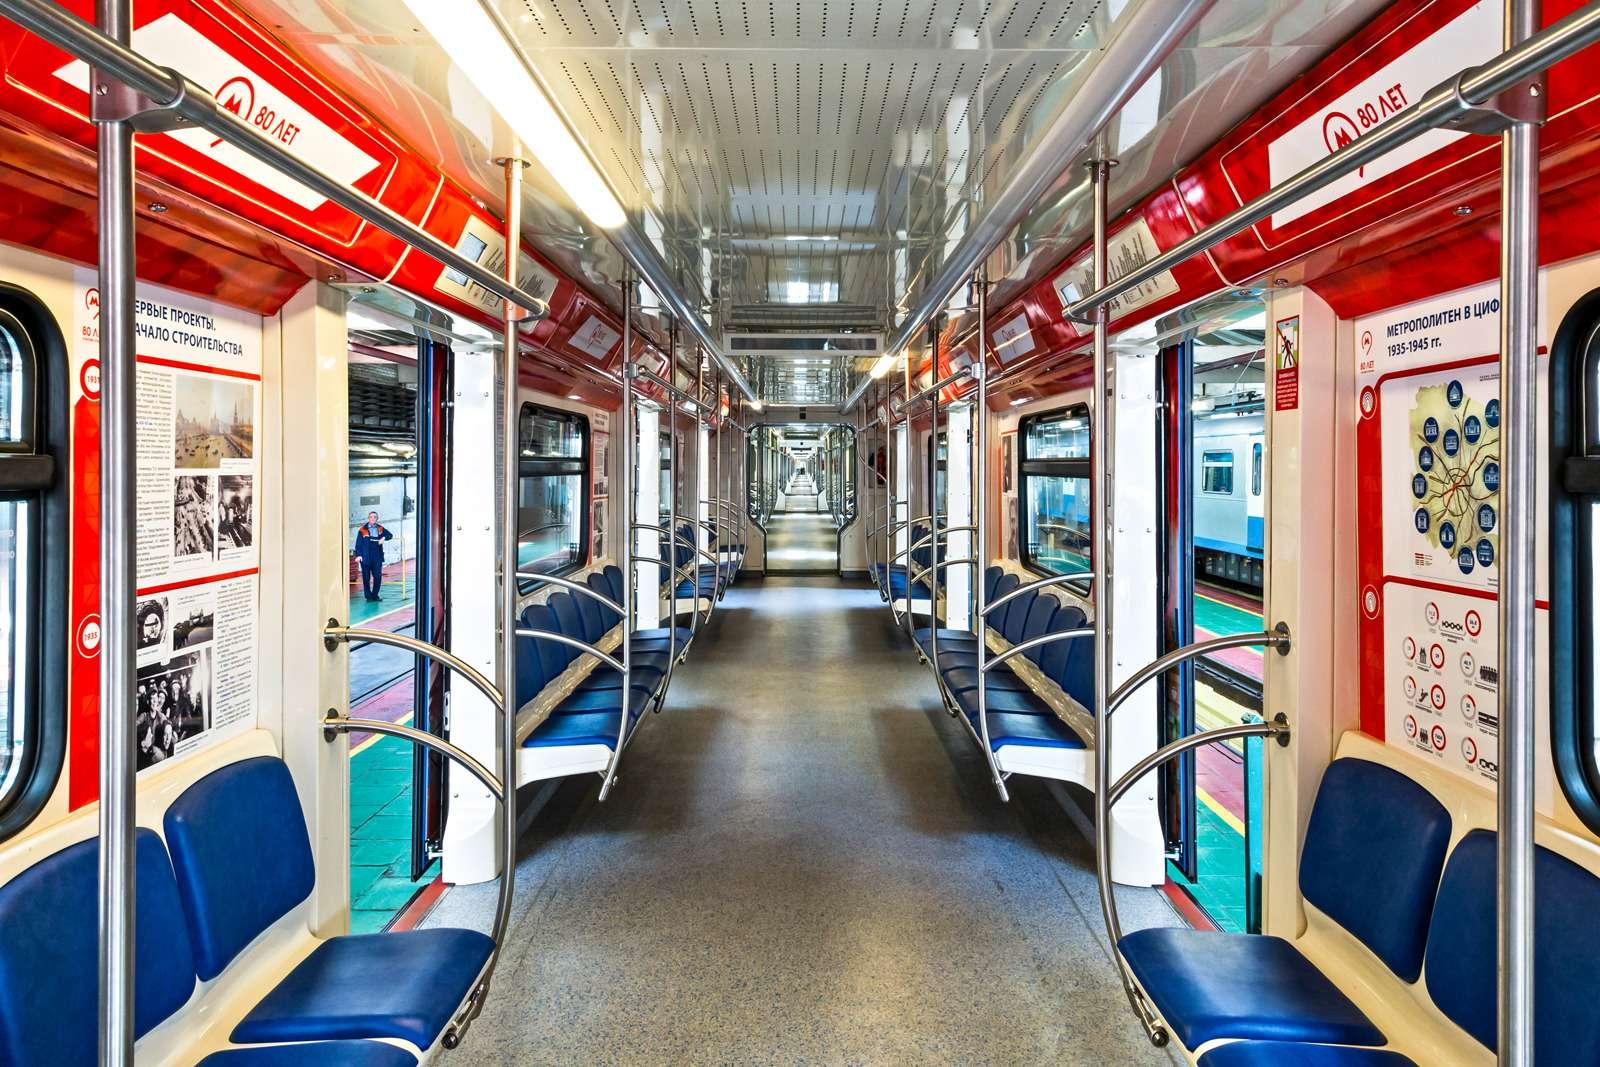 19-Metro_zr-09_15